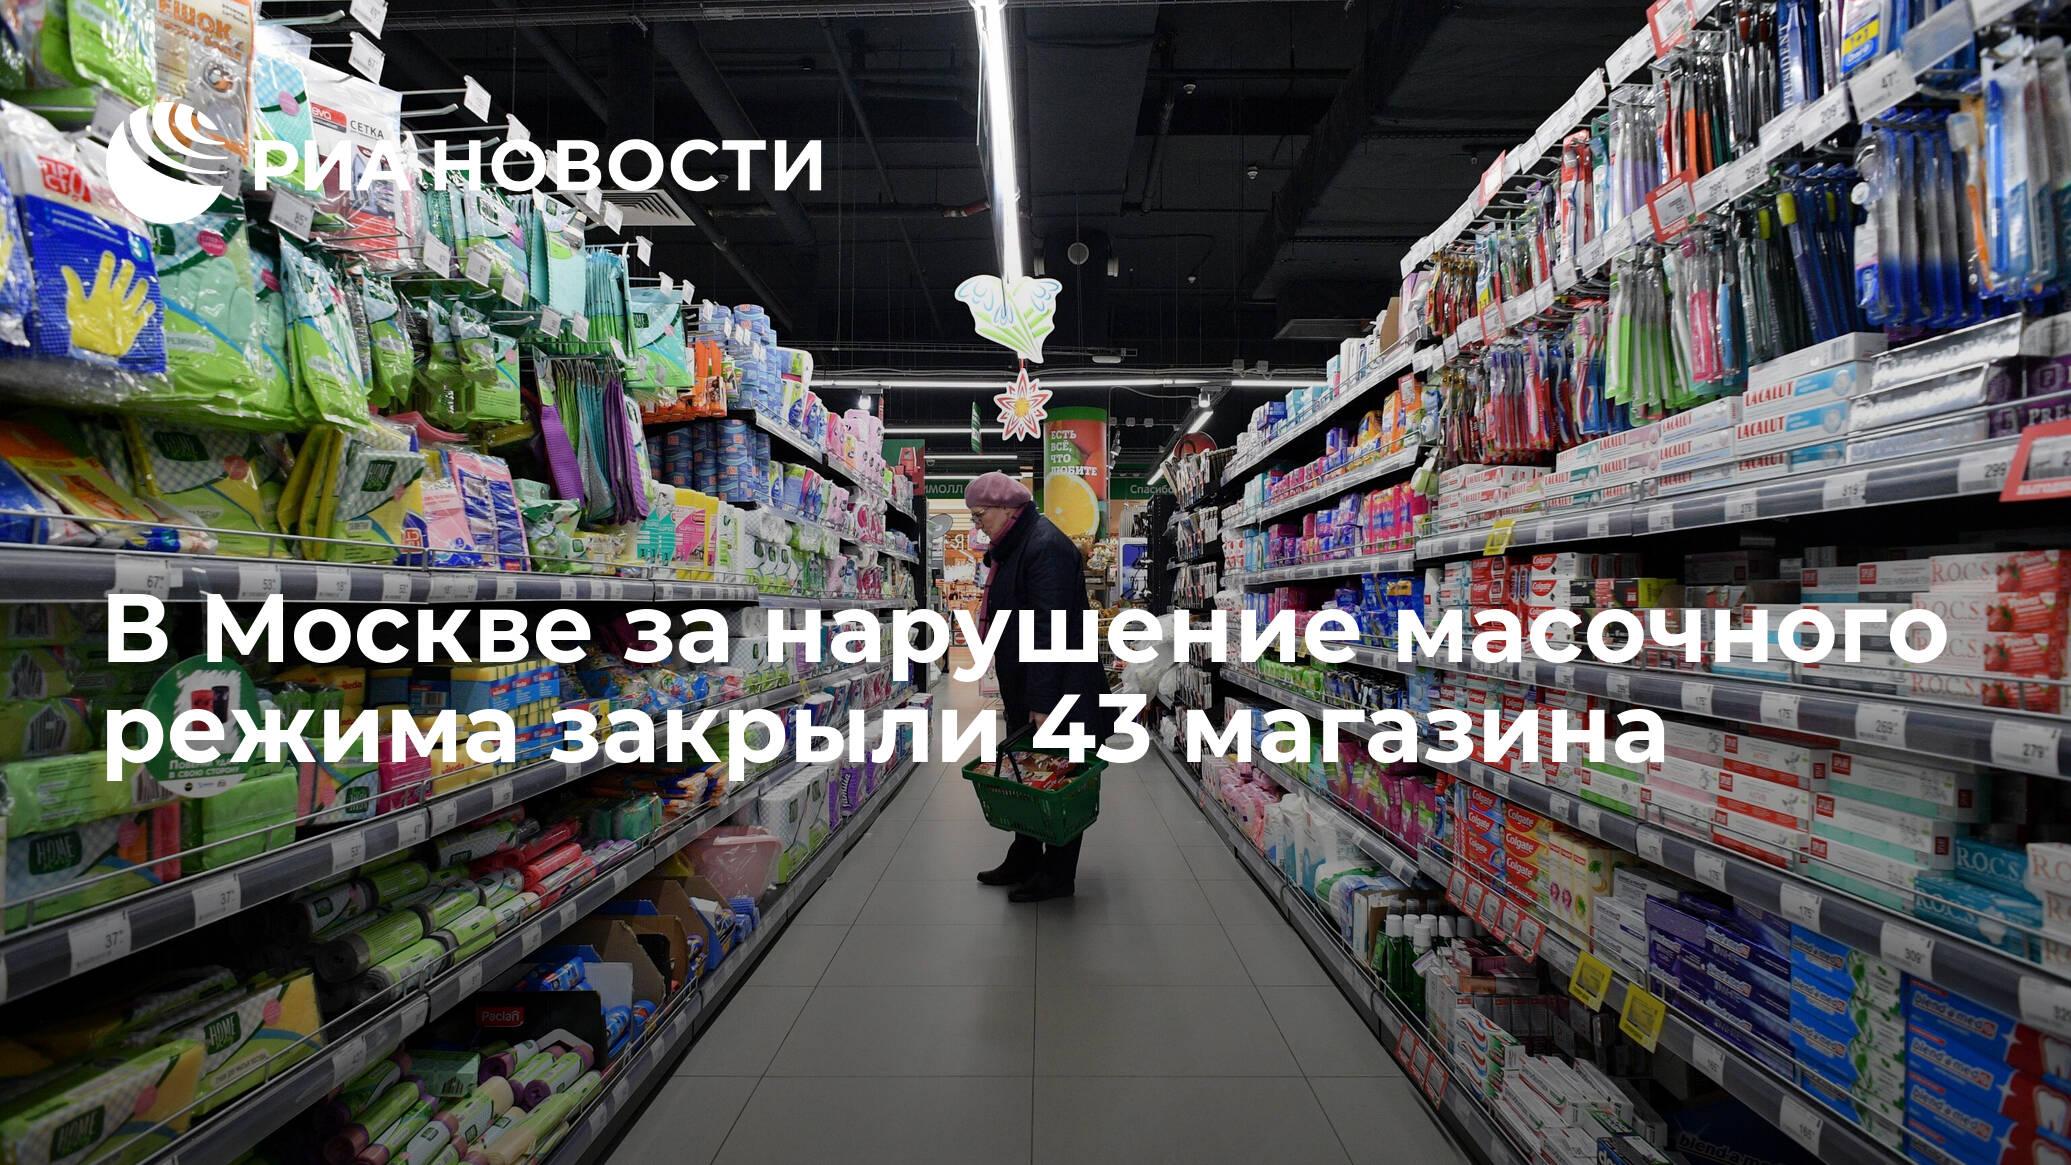 В Москве за нарушение масочного режима закрыли 43 магазина - РИА НОВОСТИ